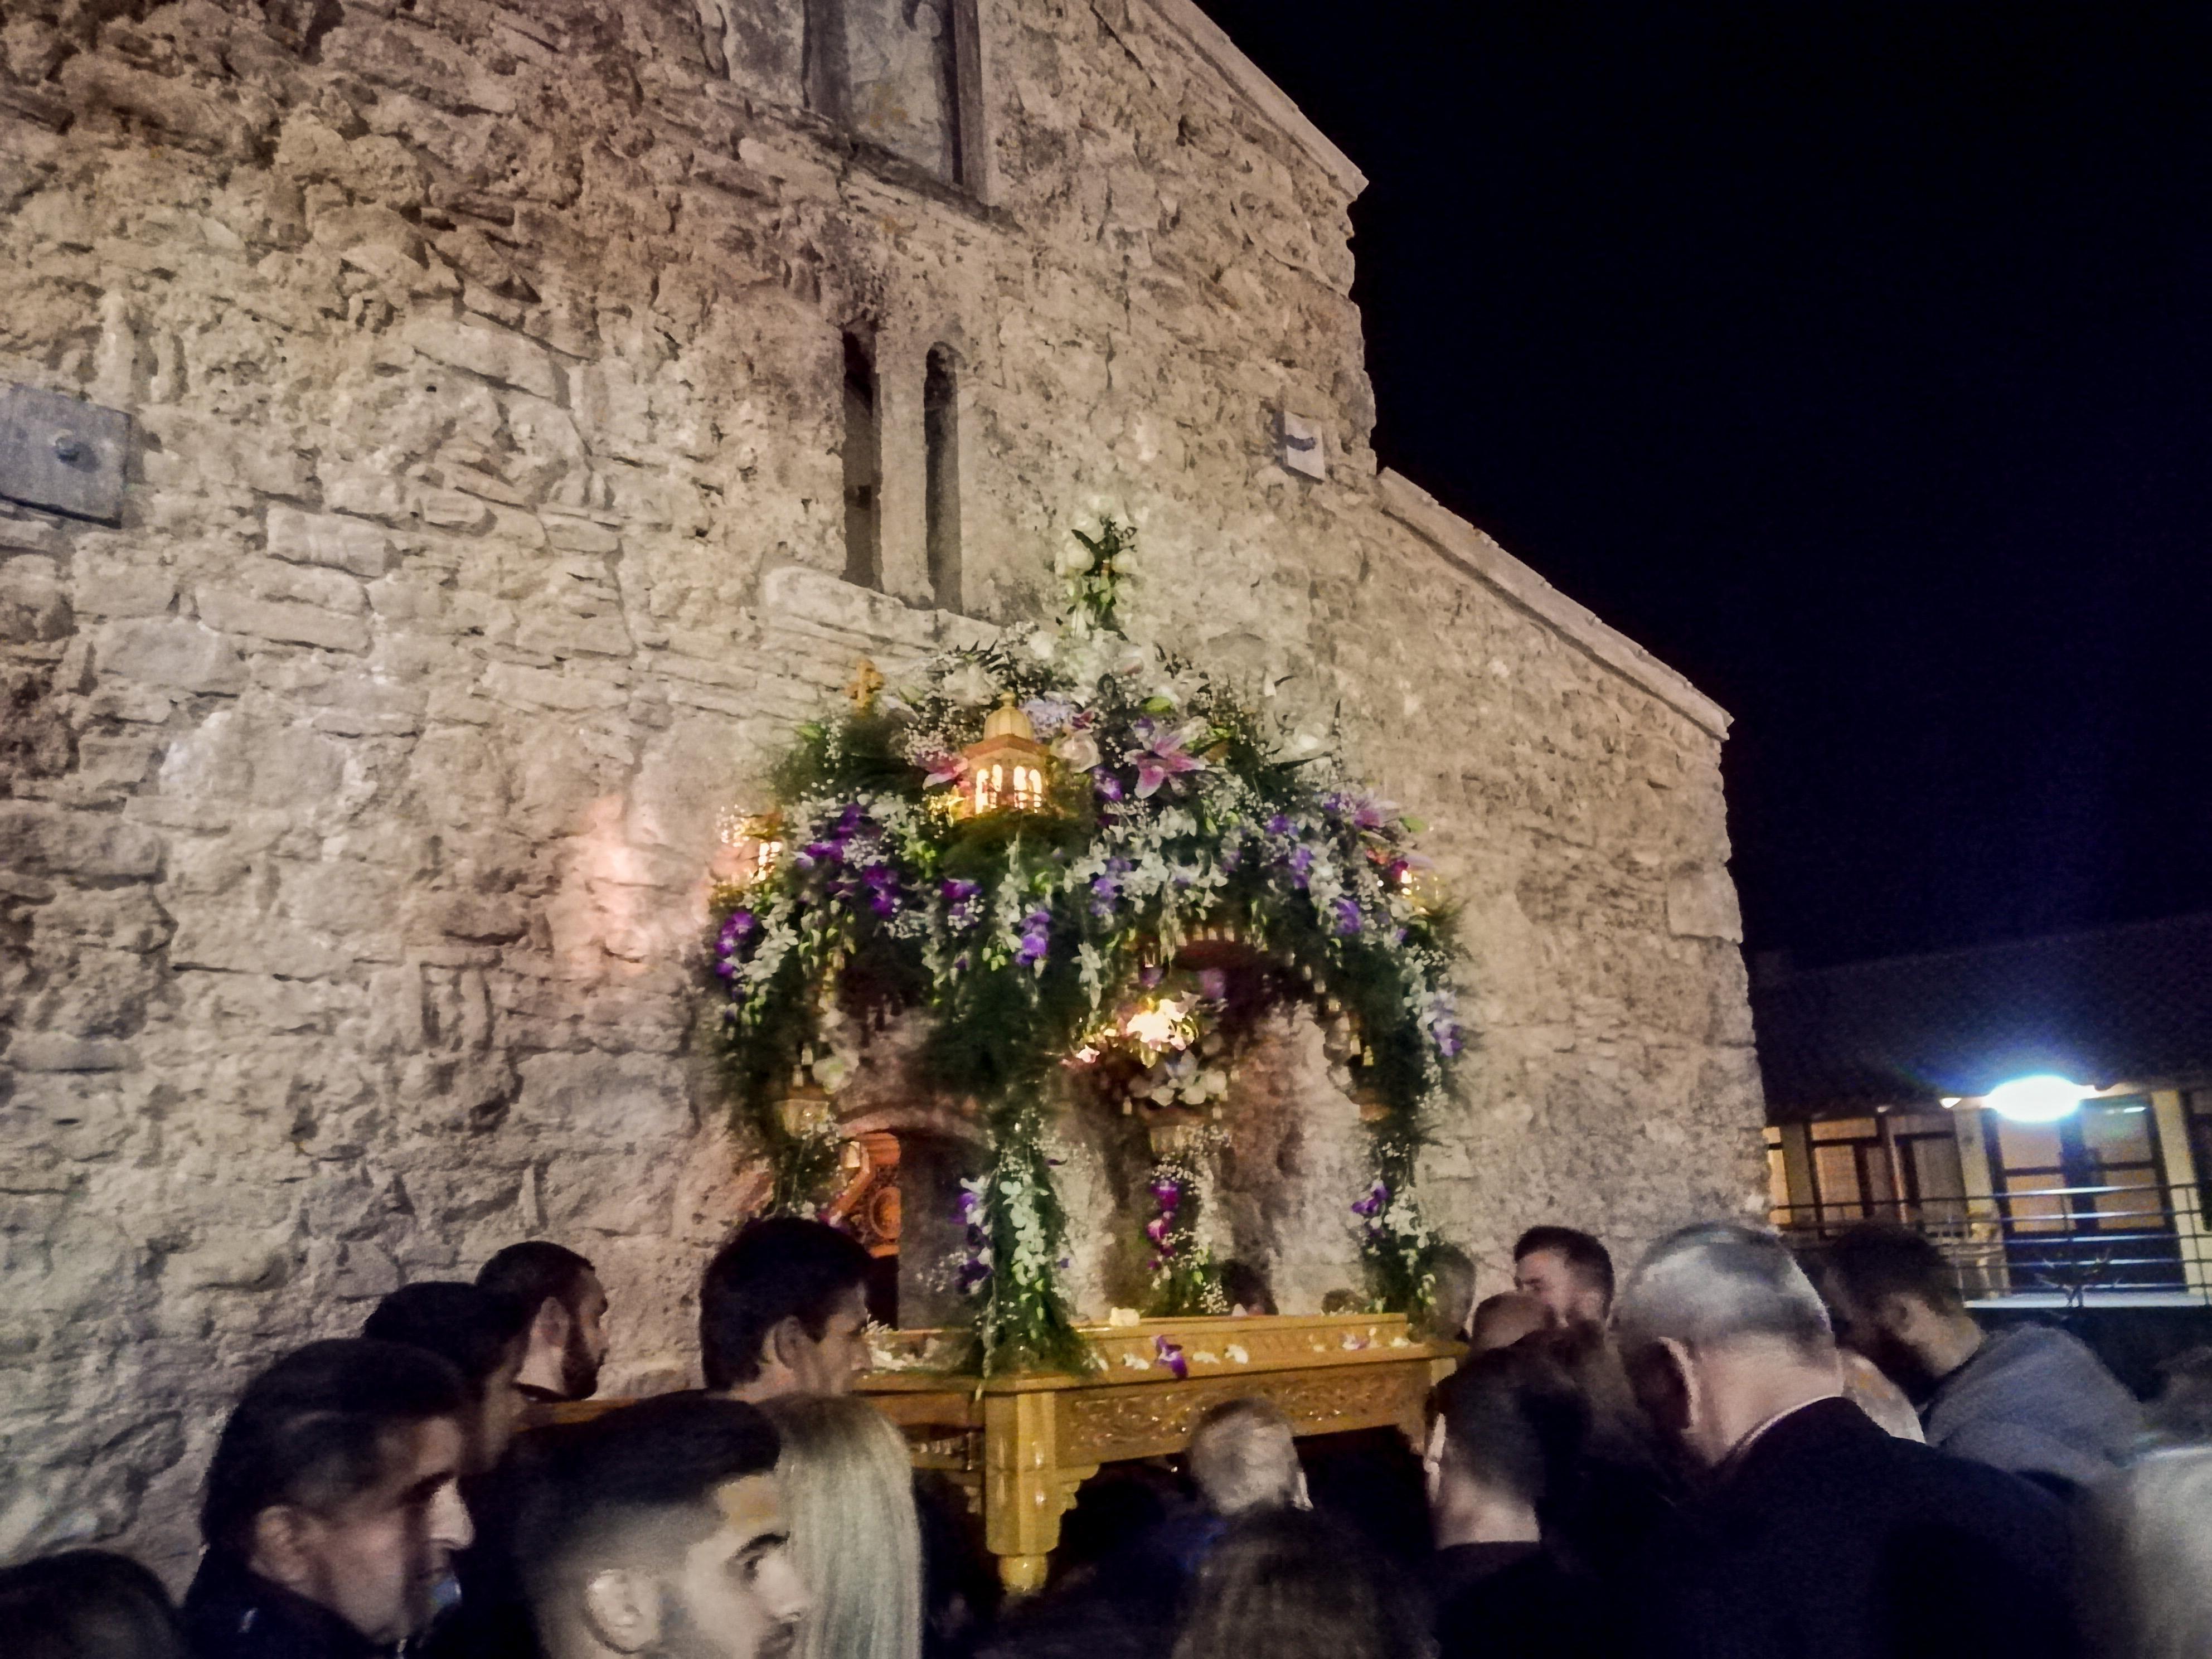 Περιφορά του Επιταφίου στην Ιερά Μονή Φραγκαβίλλας Ηλείας FOTO